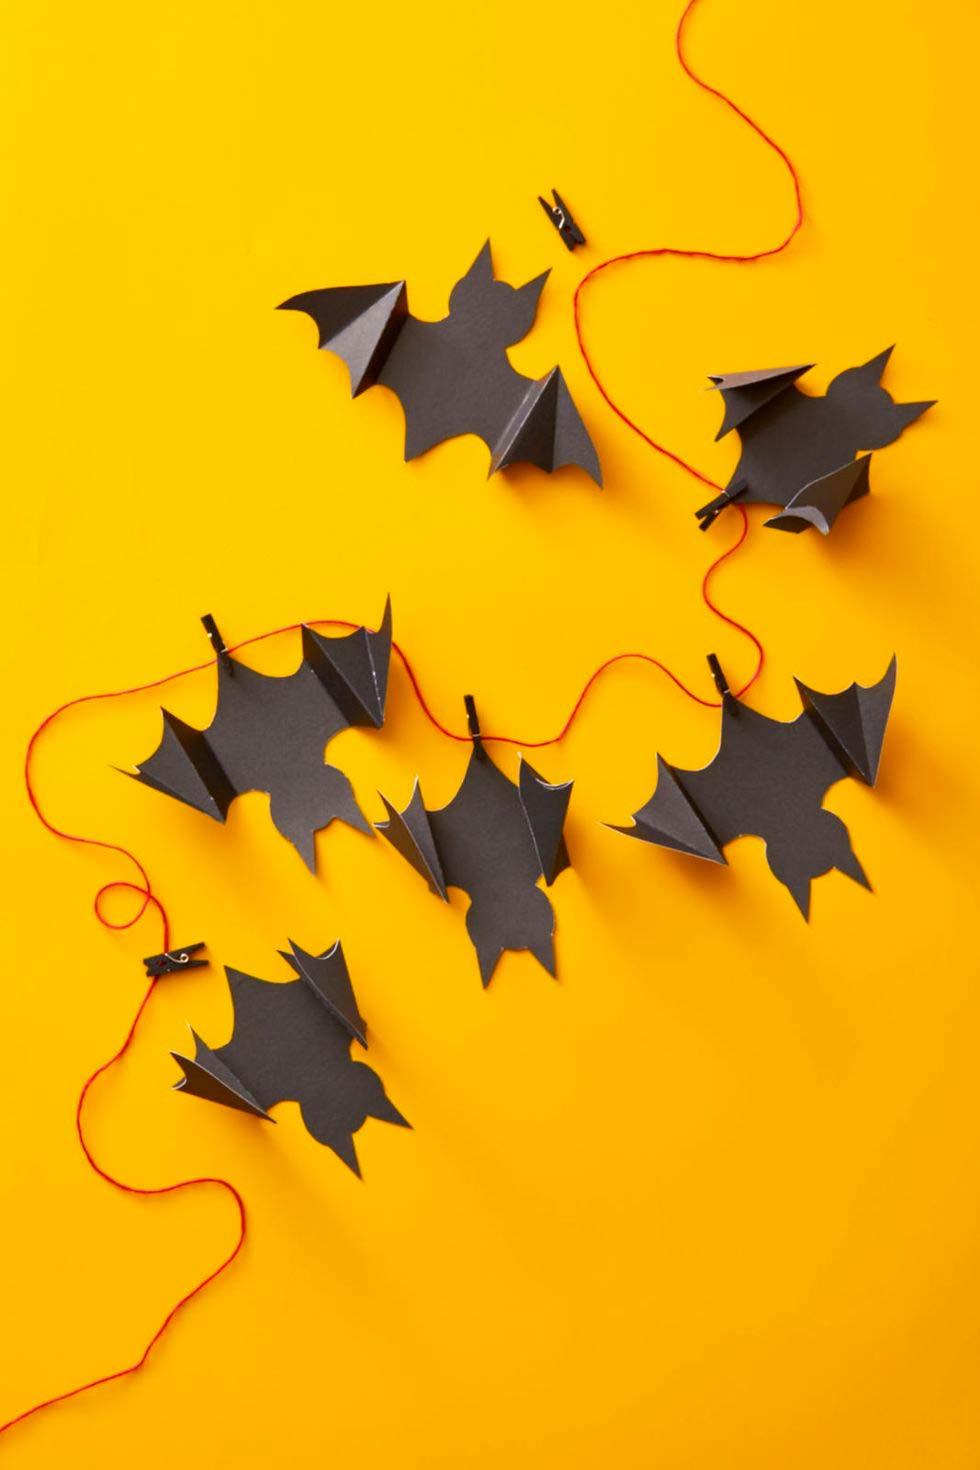 halloween decoratie ideeën slinger met vleermuizen